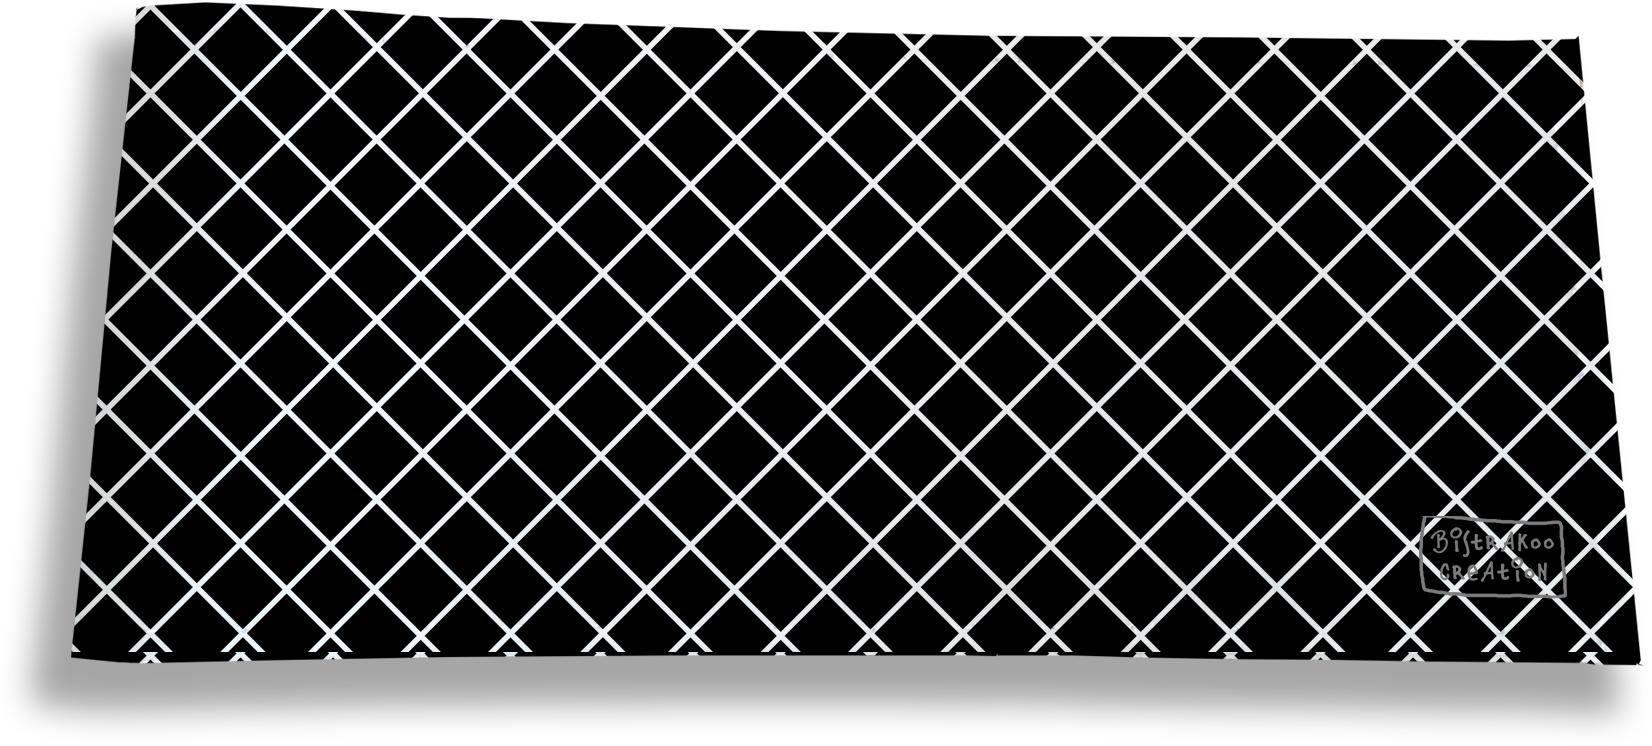 Porte-chéquier long horizontal pour homme motif Grille blanche fond noir 2507